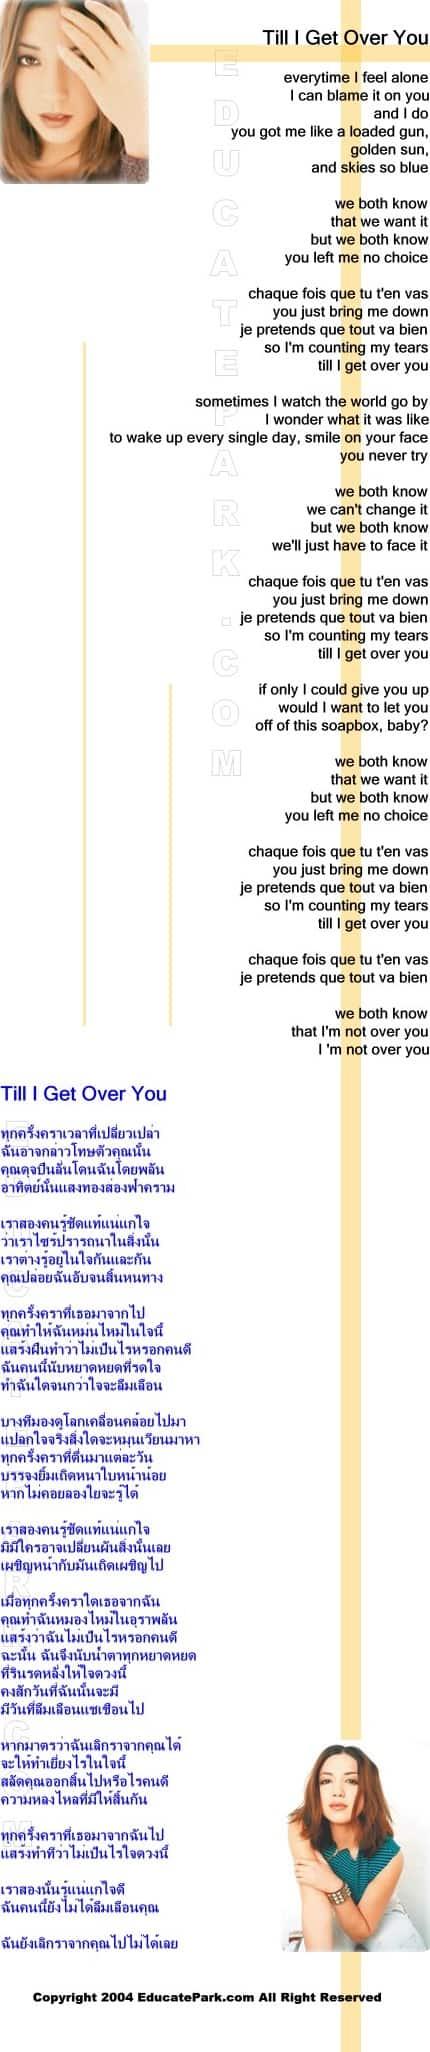 แปลเพลง Till I Get Over You - Michelle Branch